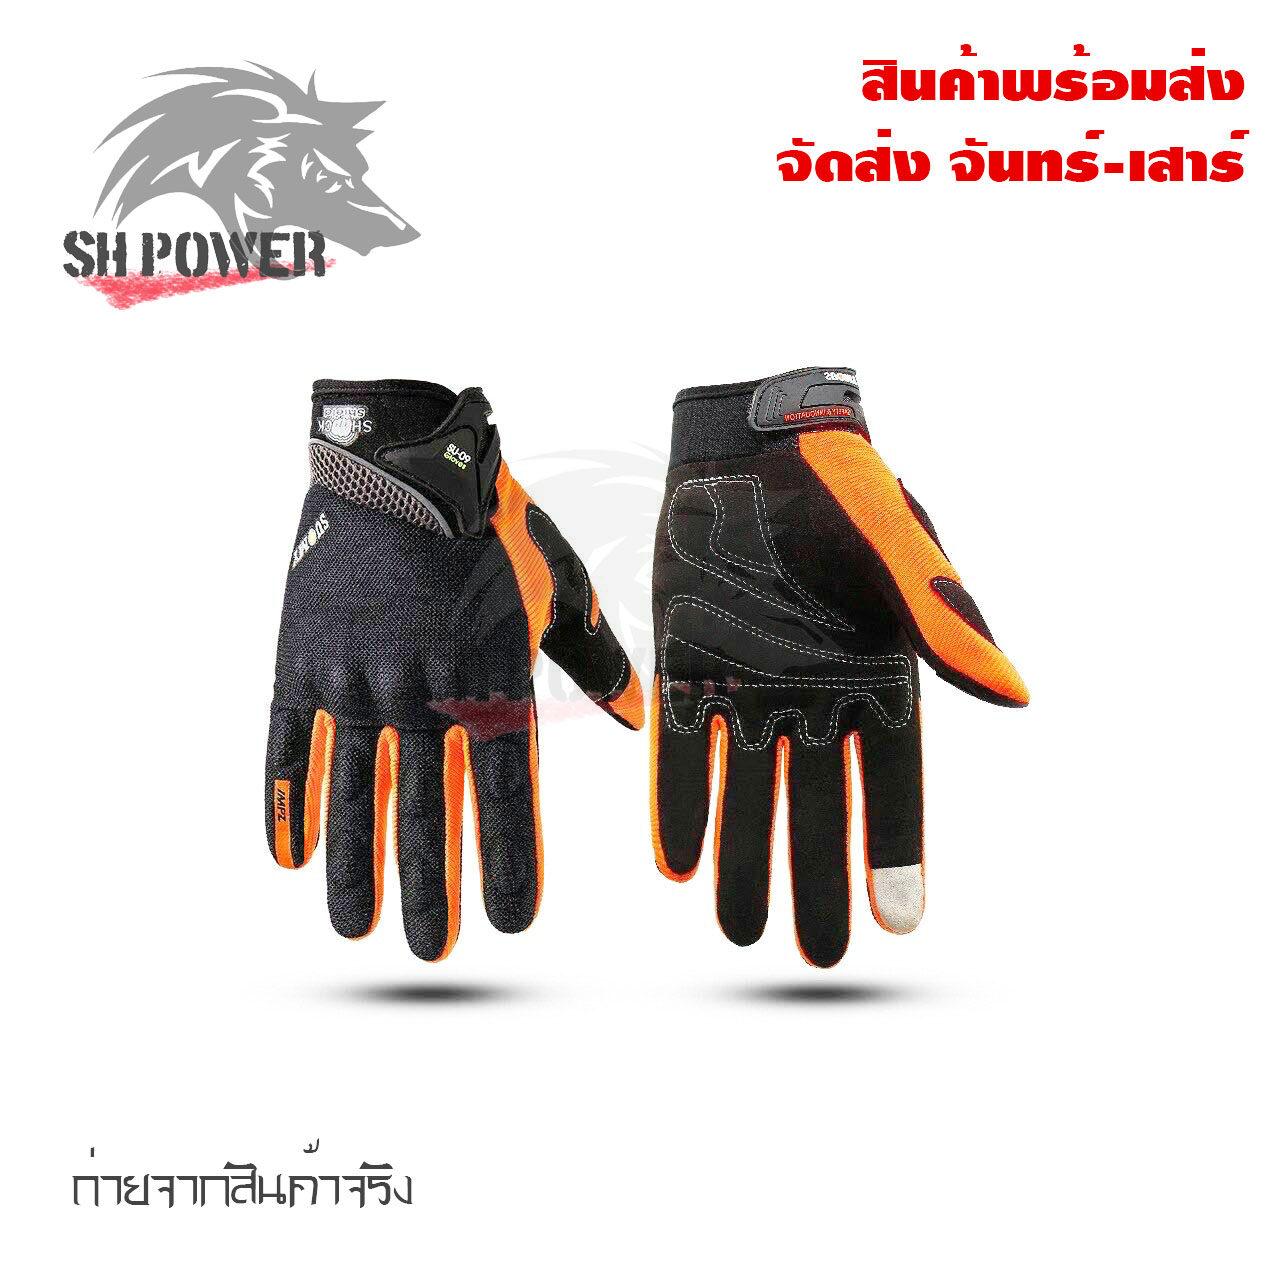 ถุงมือมอเตอร์ไซค์ แบบทัชสกรีน  ถุงมือขับรถบิ๊กไบค์ ถุงมือไบค์เกอร์ แบบเล่นมือถือได้เลยโดยไม่ต้องถอดถุงมือ(0109).